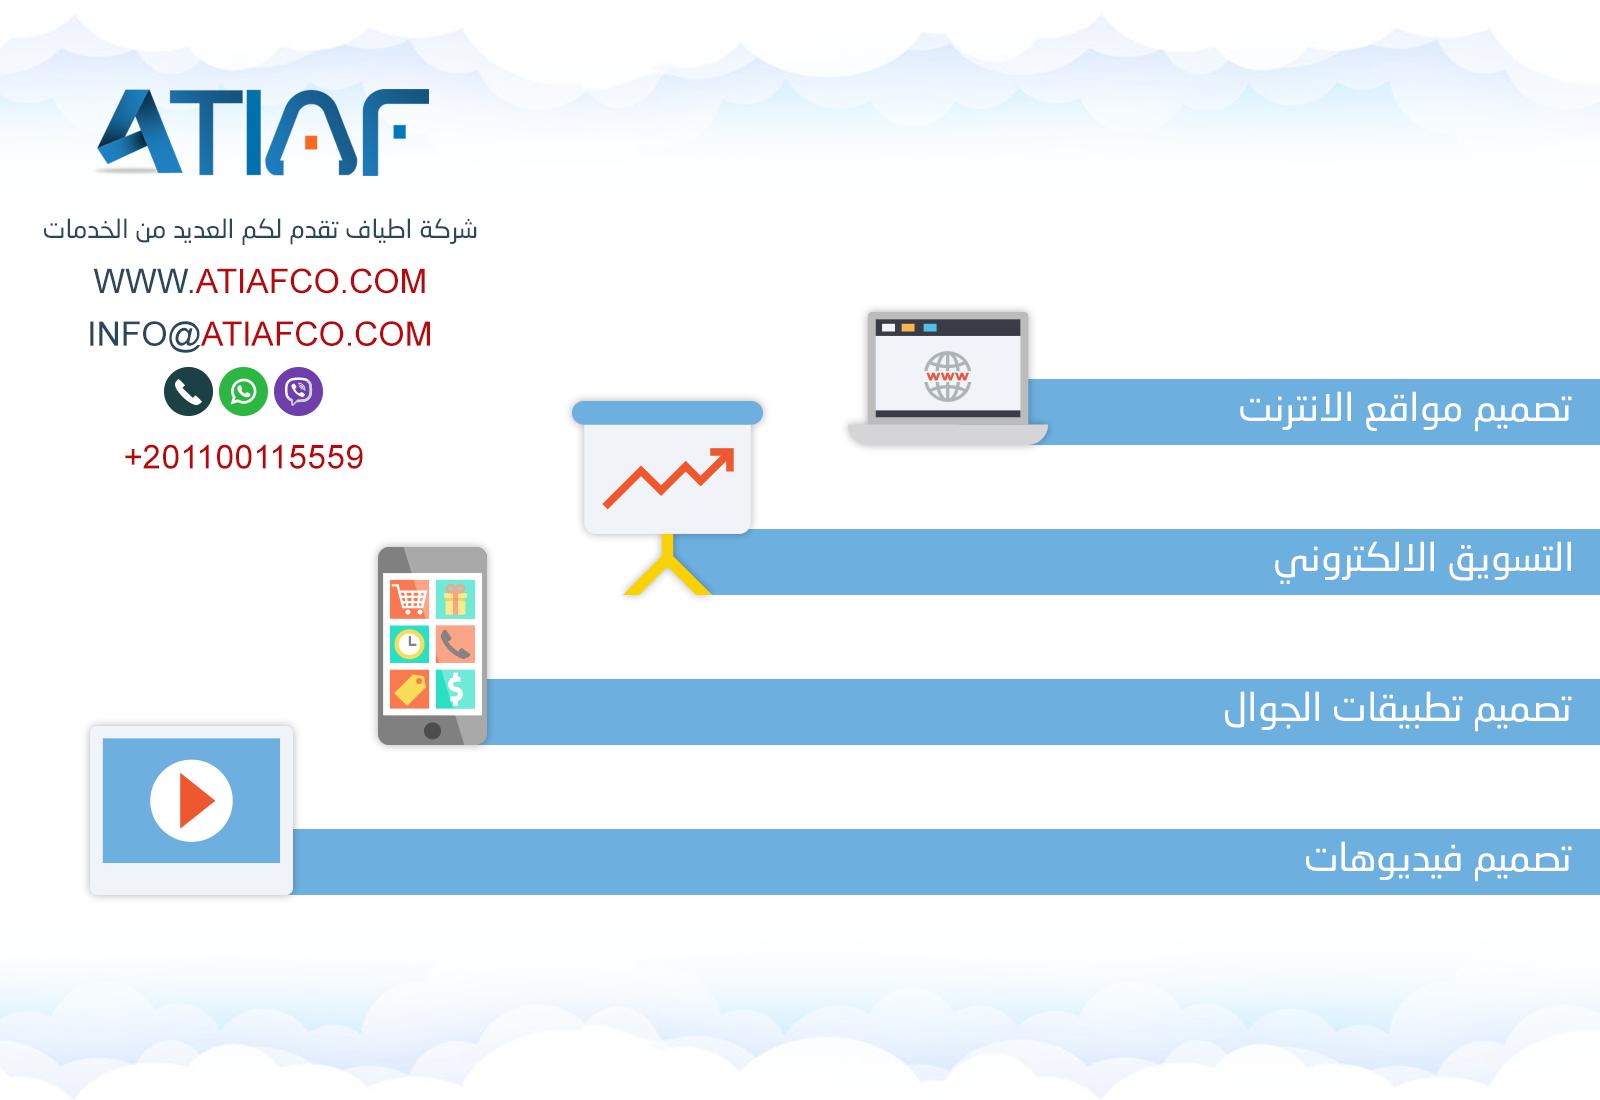 تصميم وبرمجة تطبيقات الهواتف الزكيه 404393860